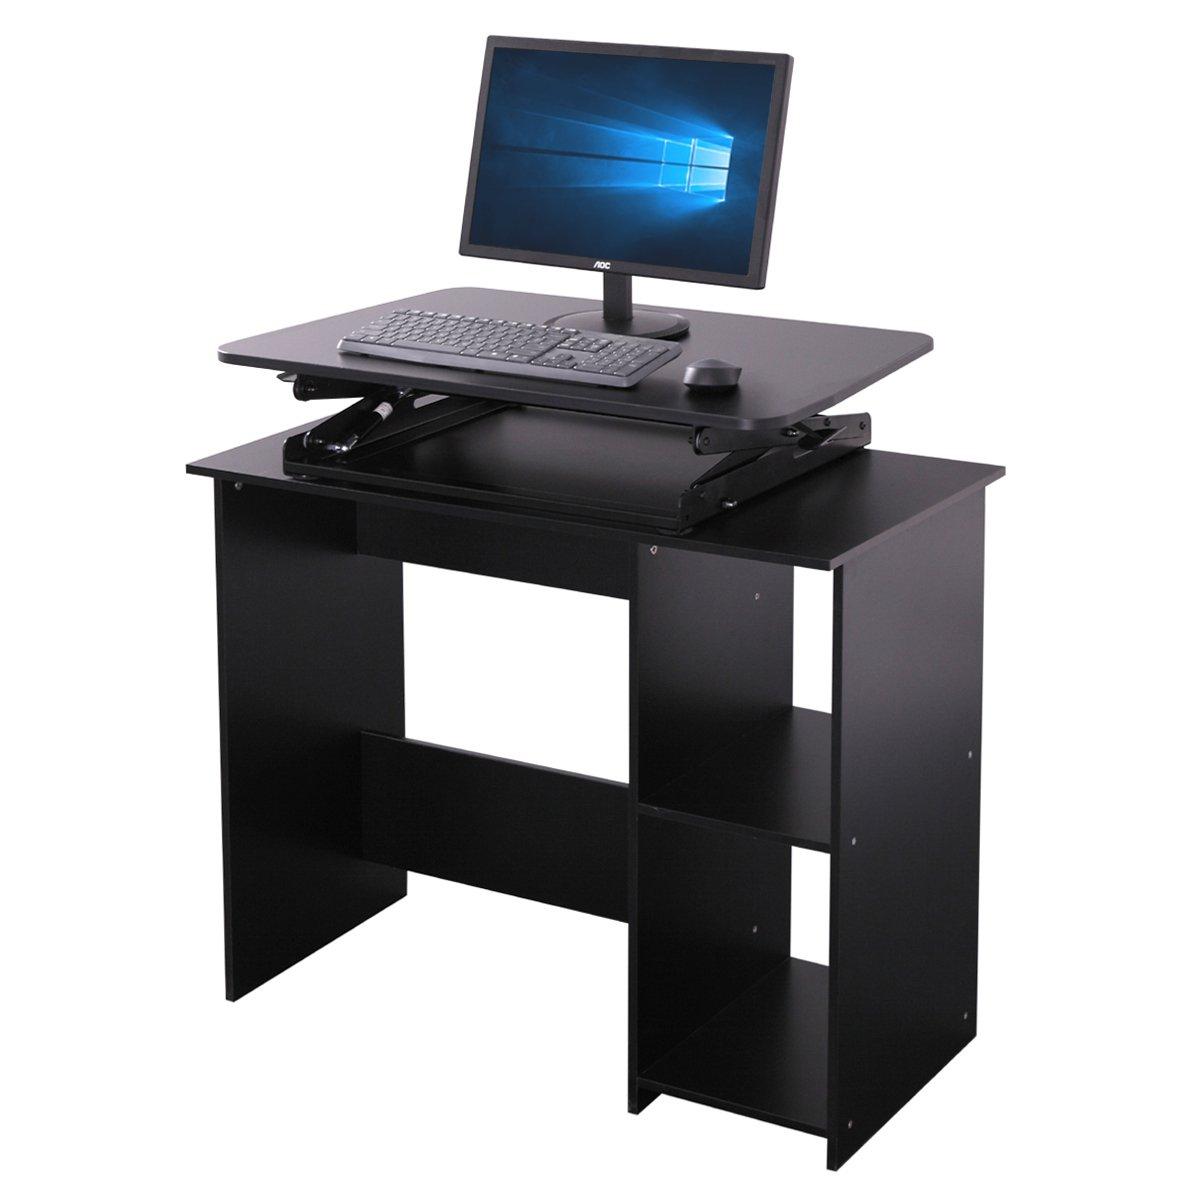 Ergonomic 30-Inch Wide Preassembled Height Adjustable Standing Desk Riser Workstation Elevating Desktop, Black